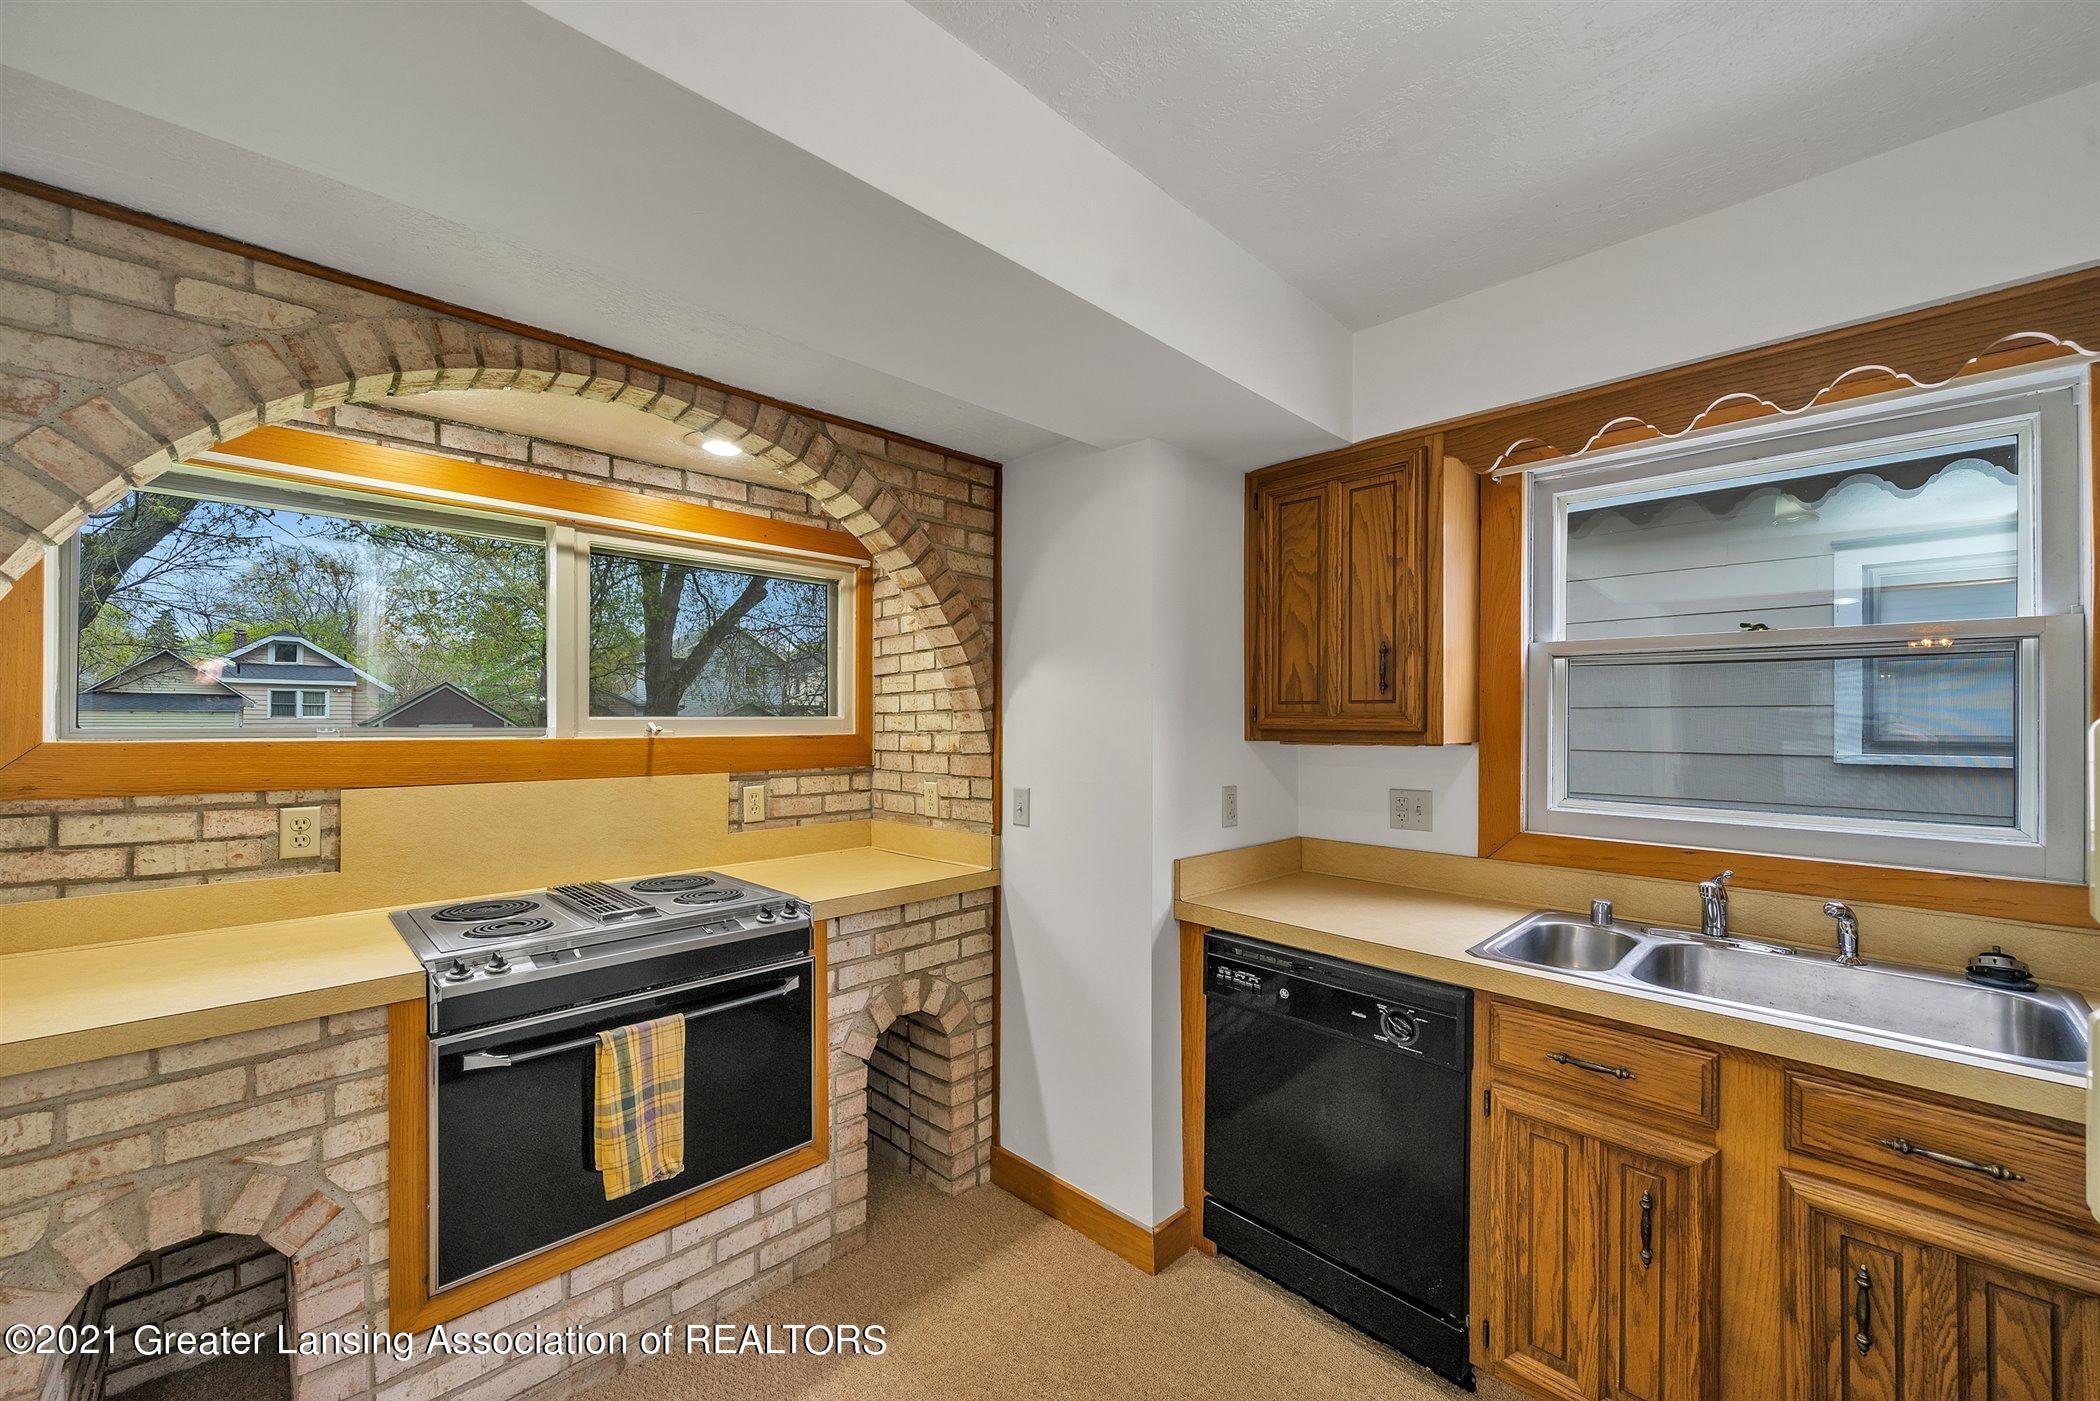 726 N Magnolia Ave - (6) MAIN FLOOR Kitchen - 8